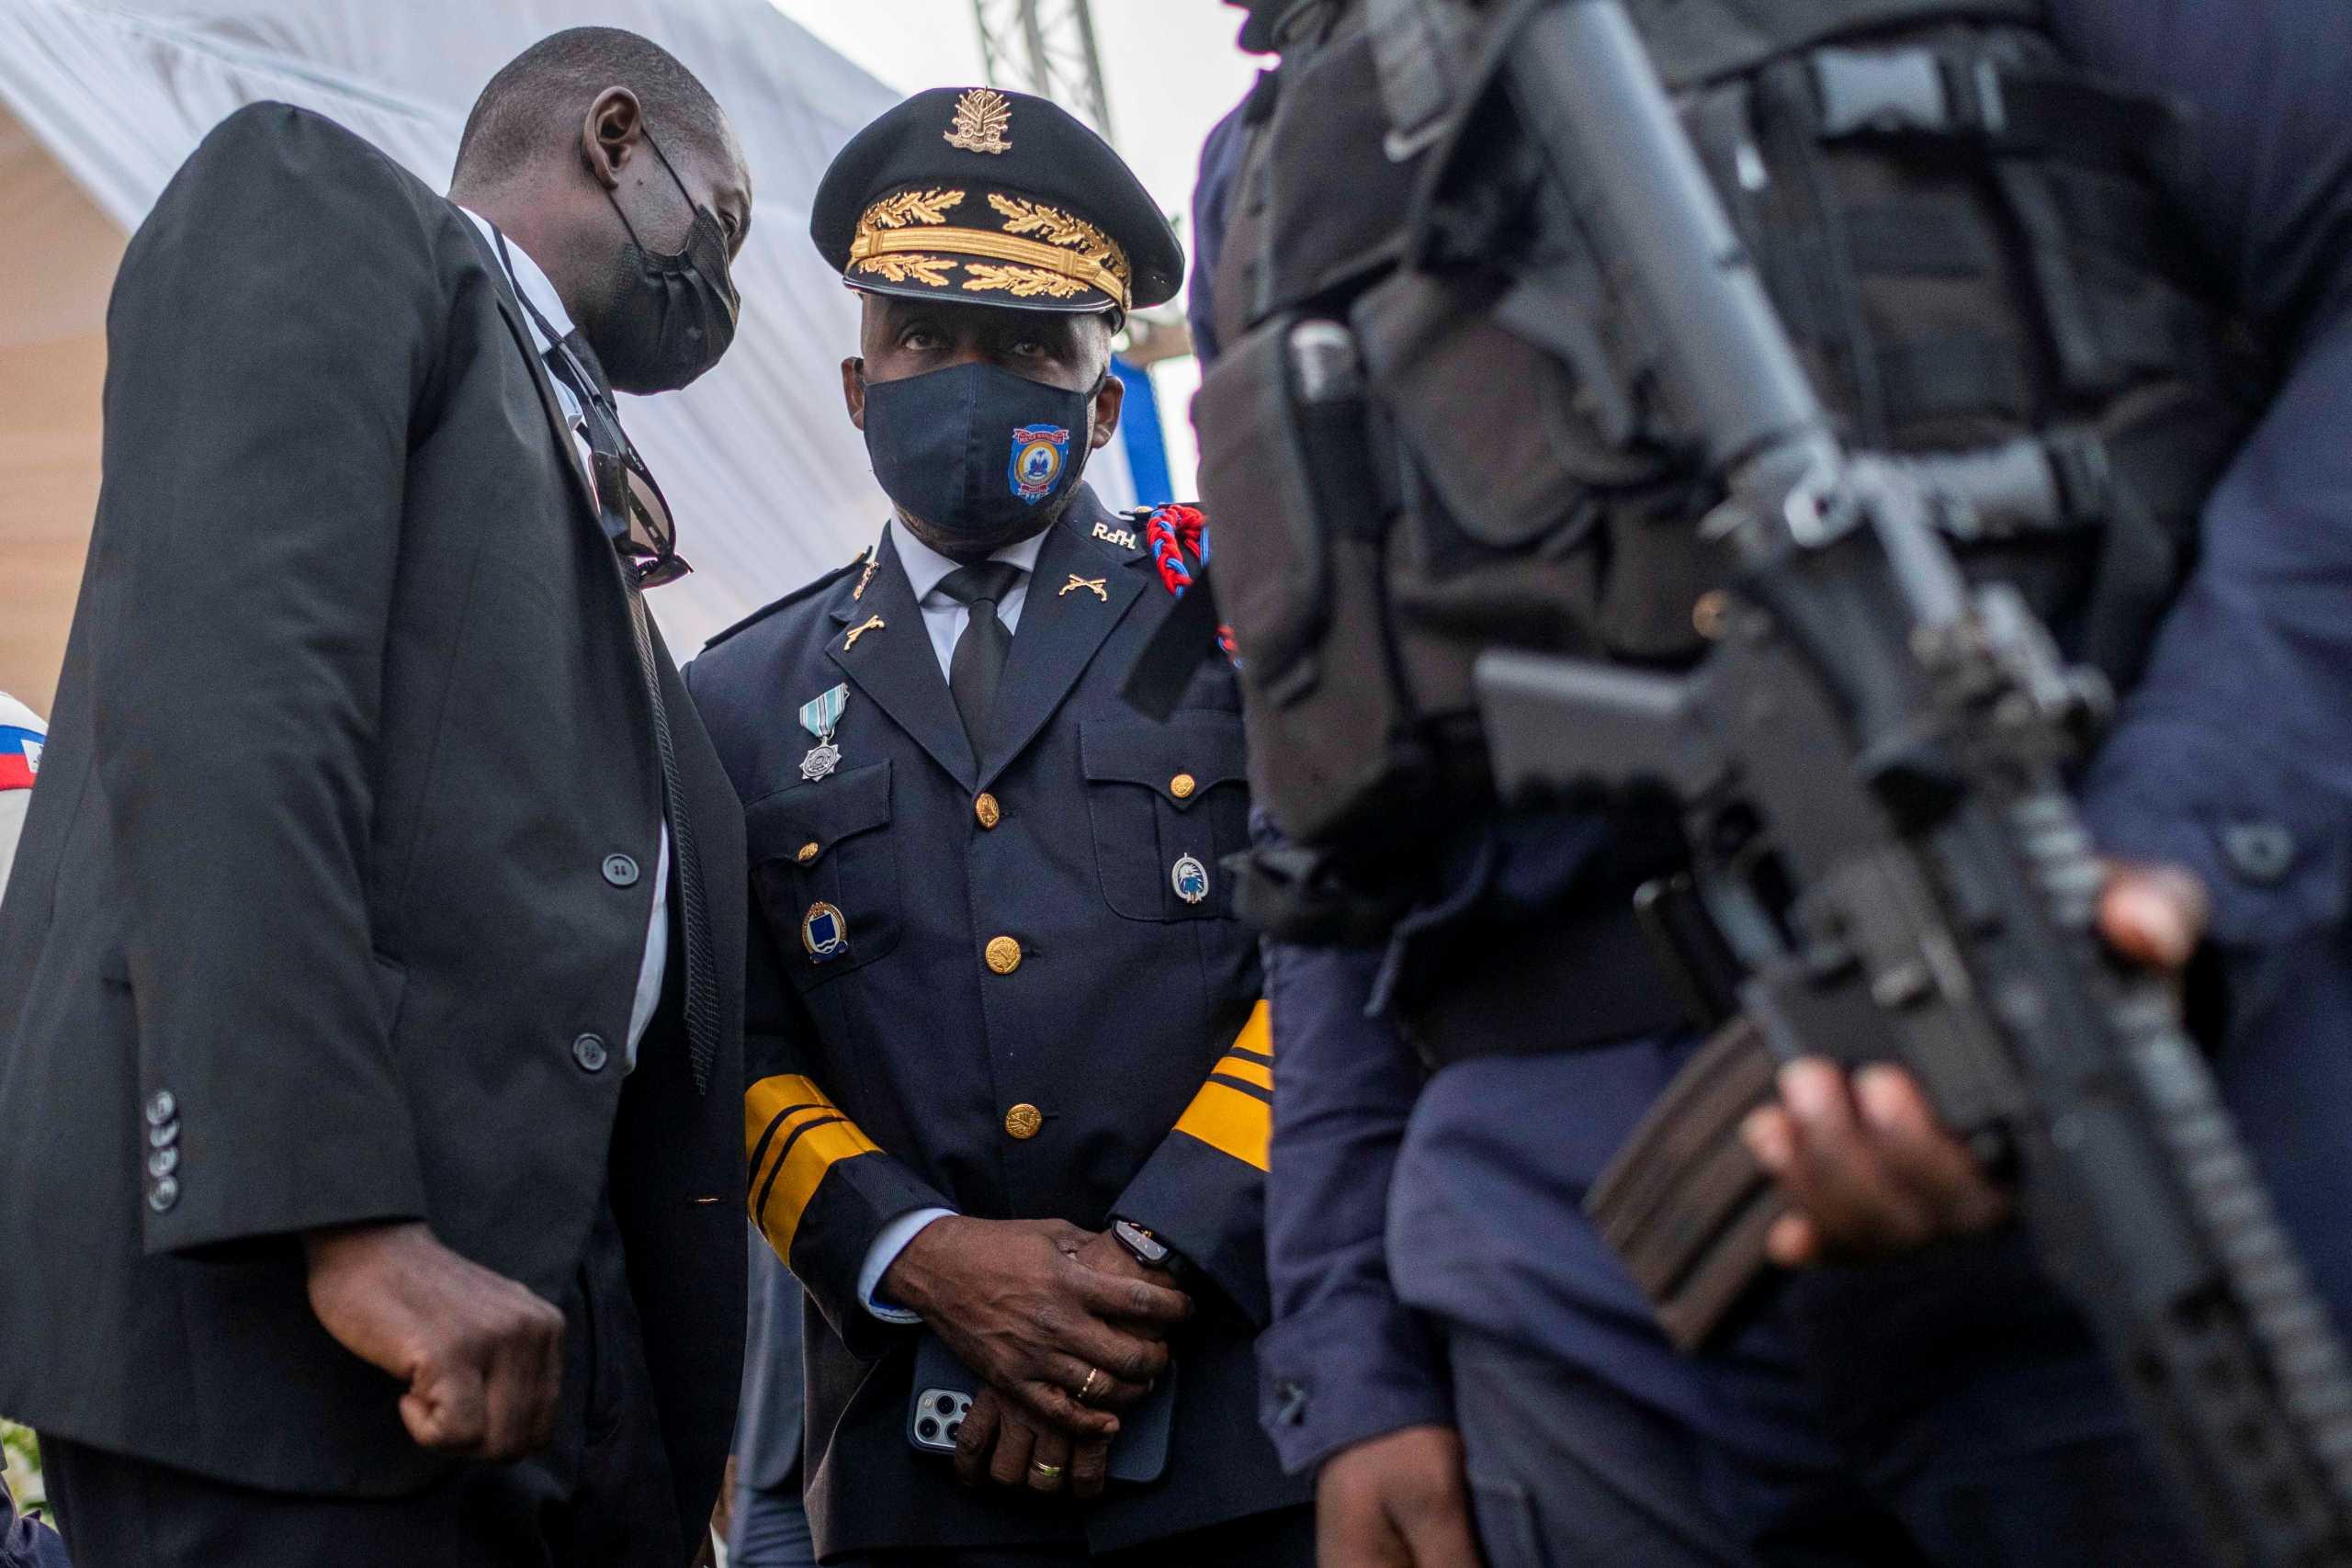 Αϊτή: Συναγερμός στην κηδεία του δολοφονηθέντος προέδρου – Ακούστηκαν πυροβολισμοί και απομακρύνθηκαν ξένοι αξιωματούχοι